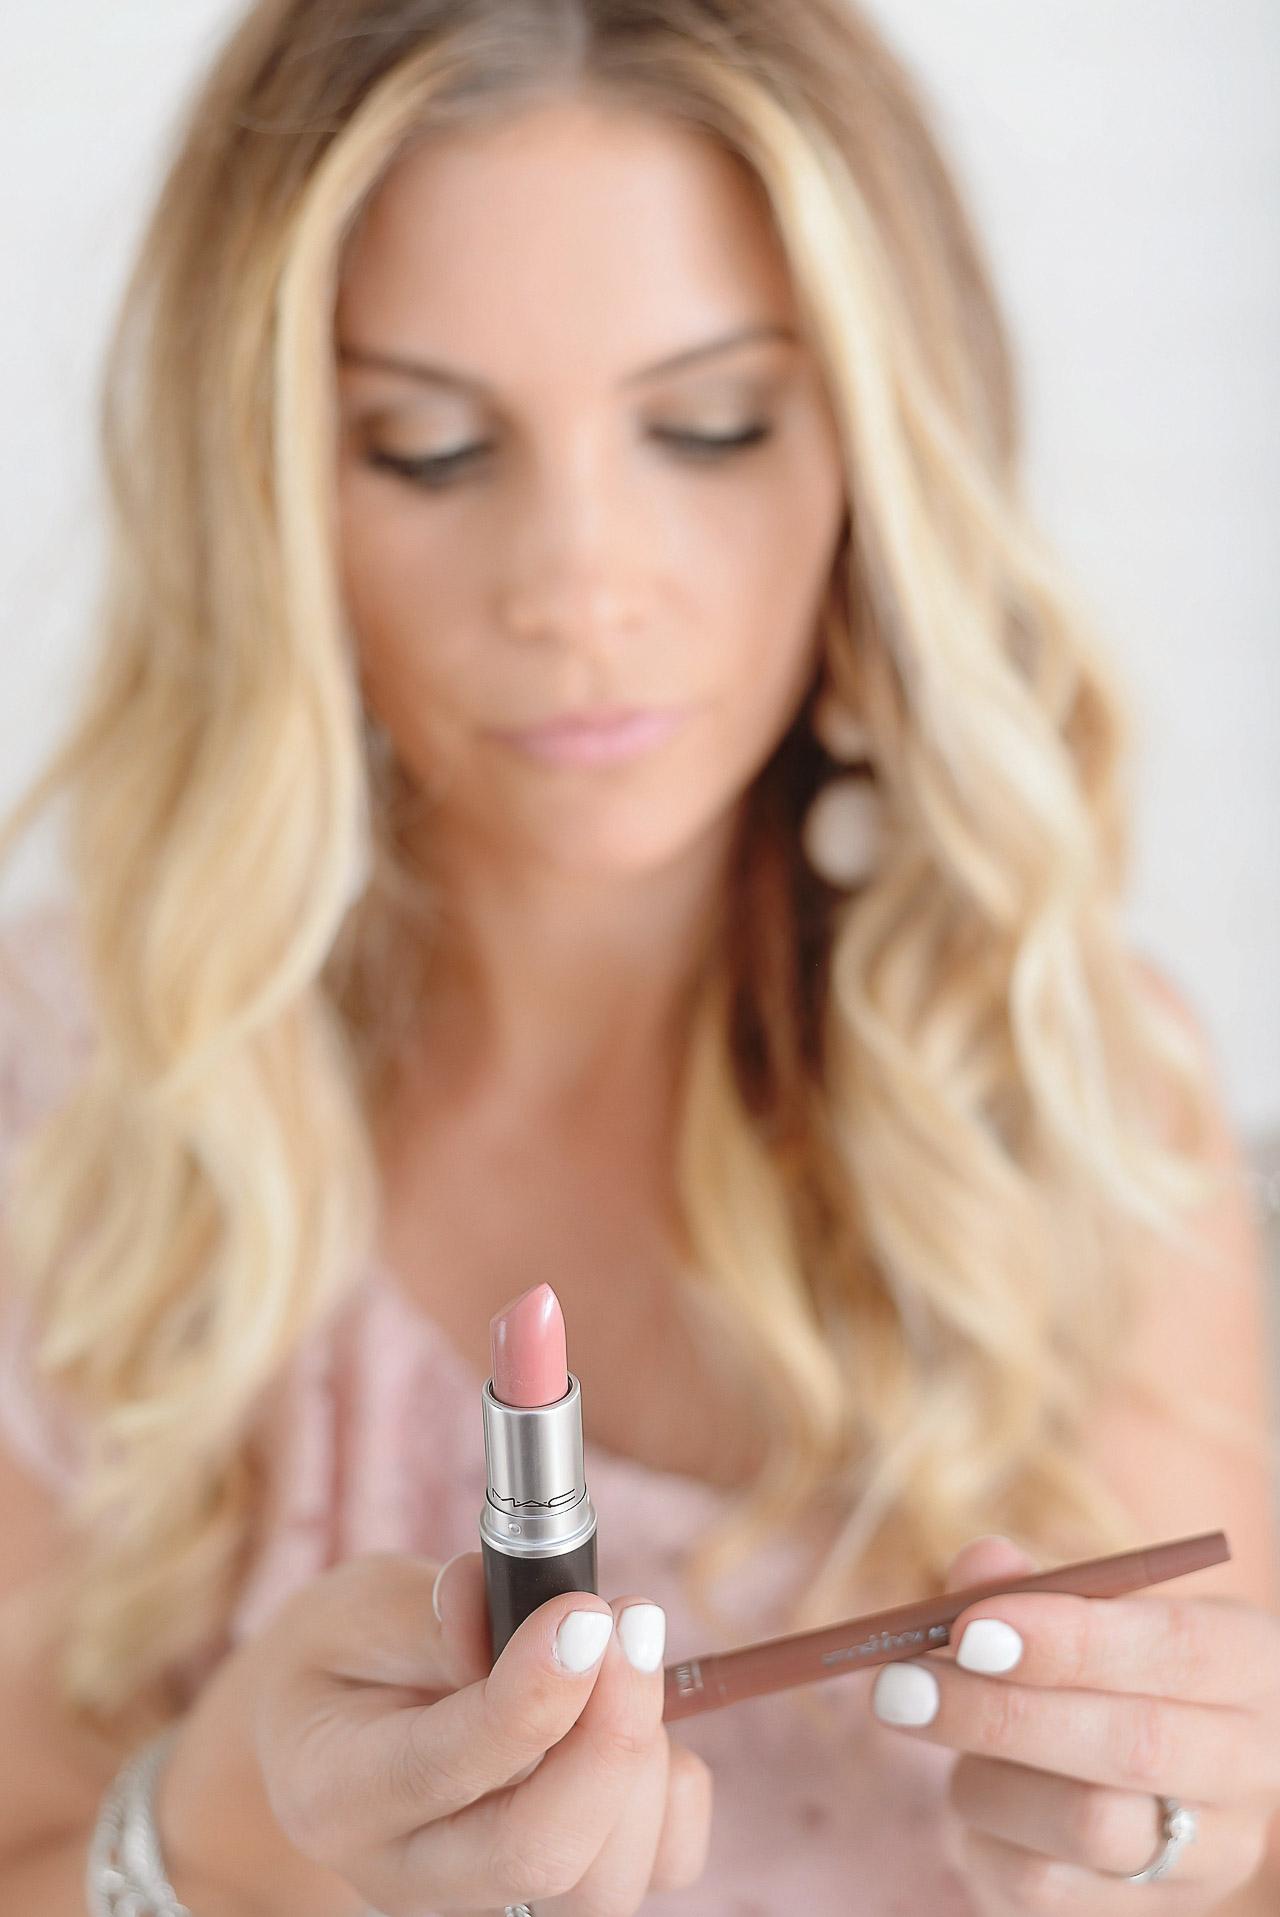 mac lipstick in creme